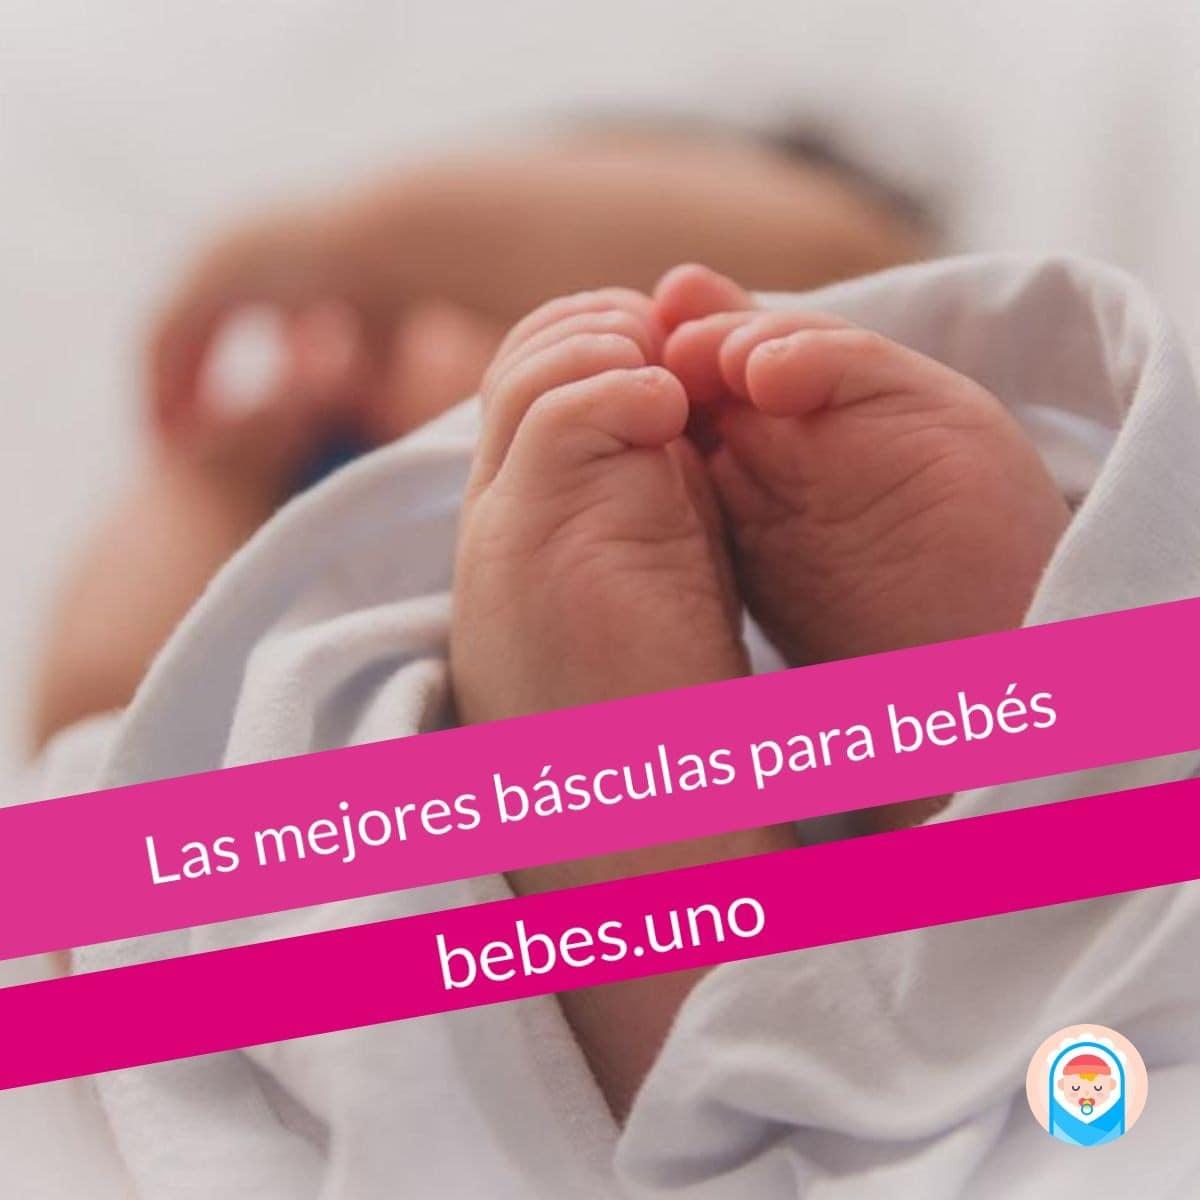 Las mejores básculas para bebés